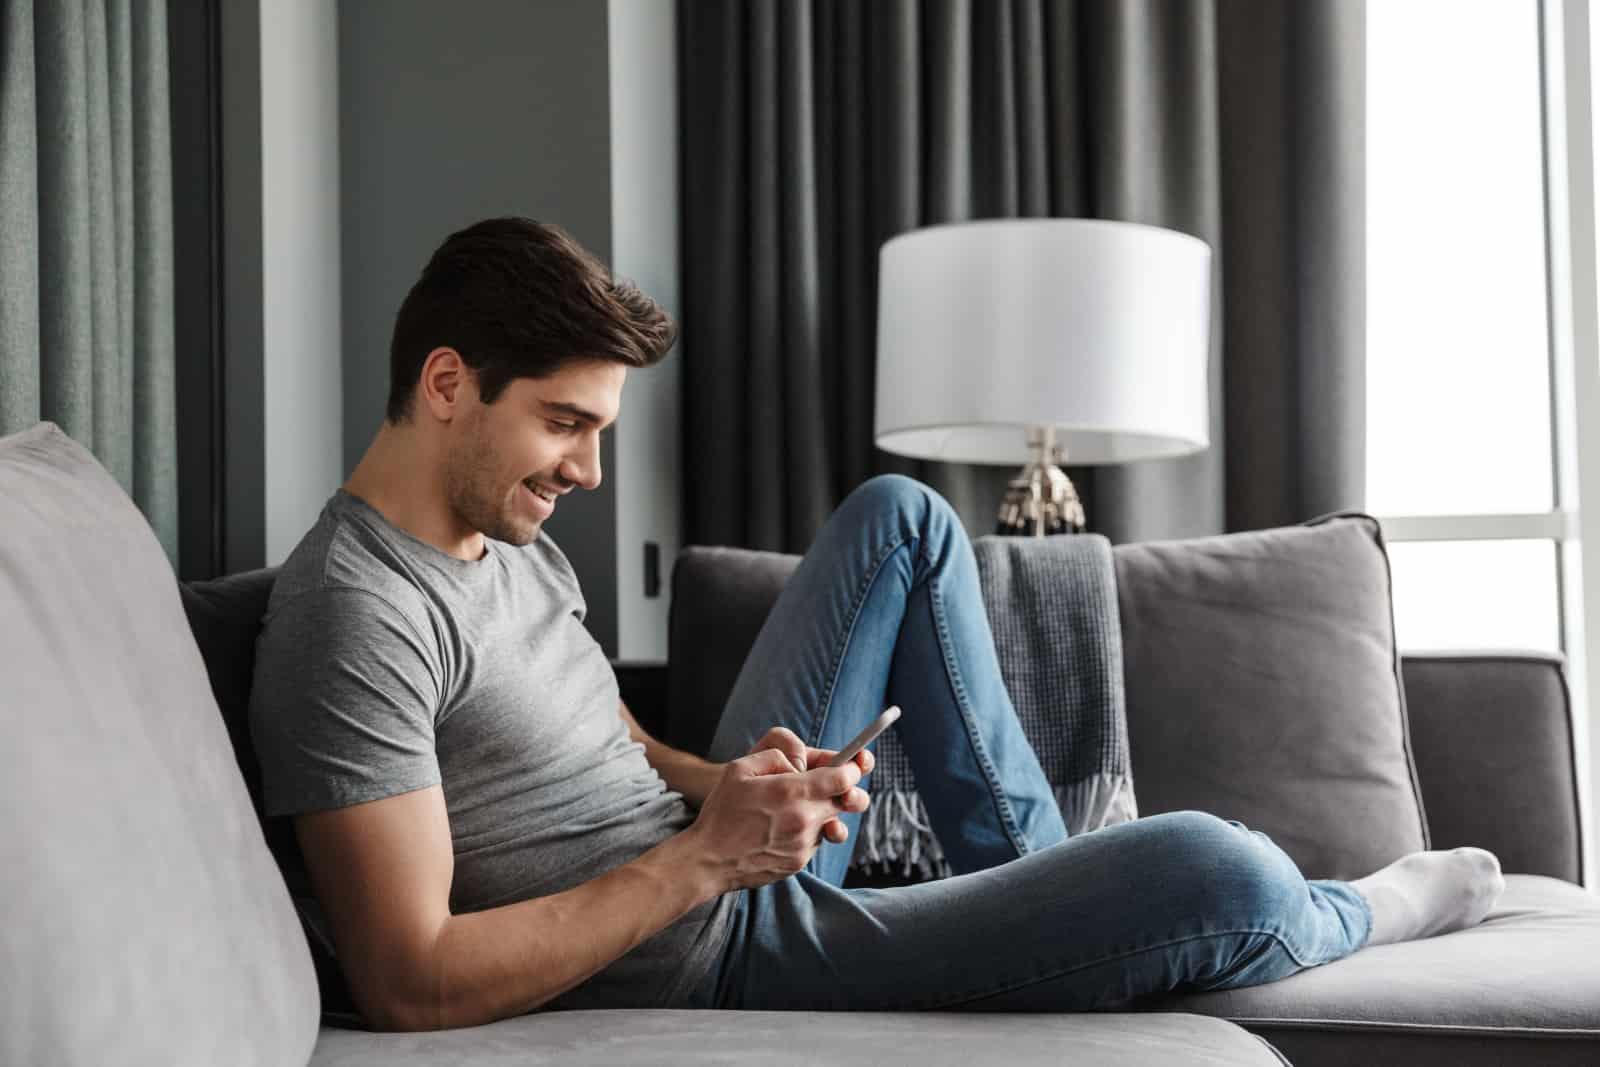 Mannschlüssel am Handy beim Liegen auf der Couch